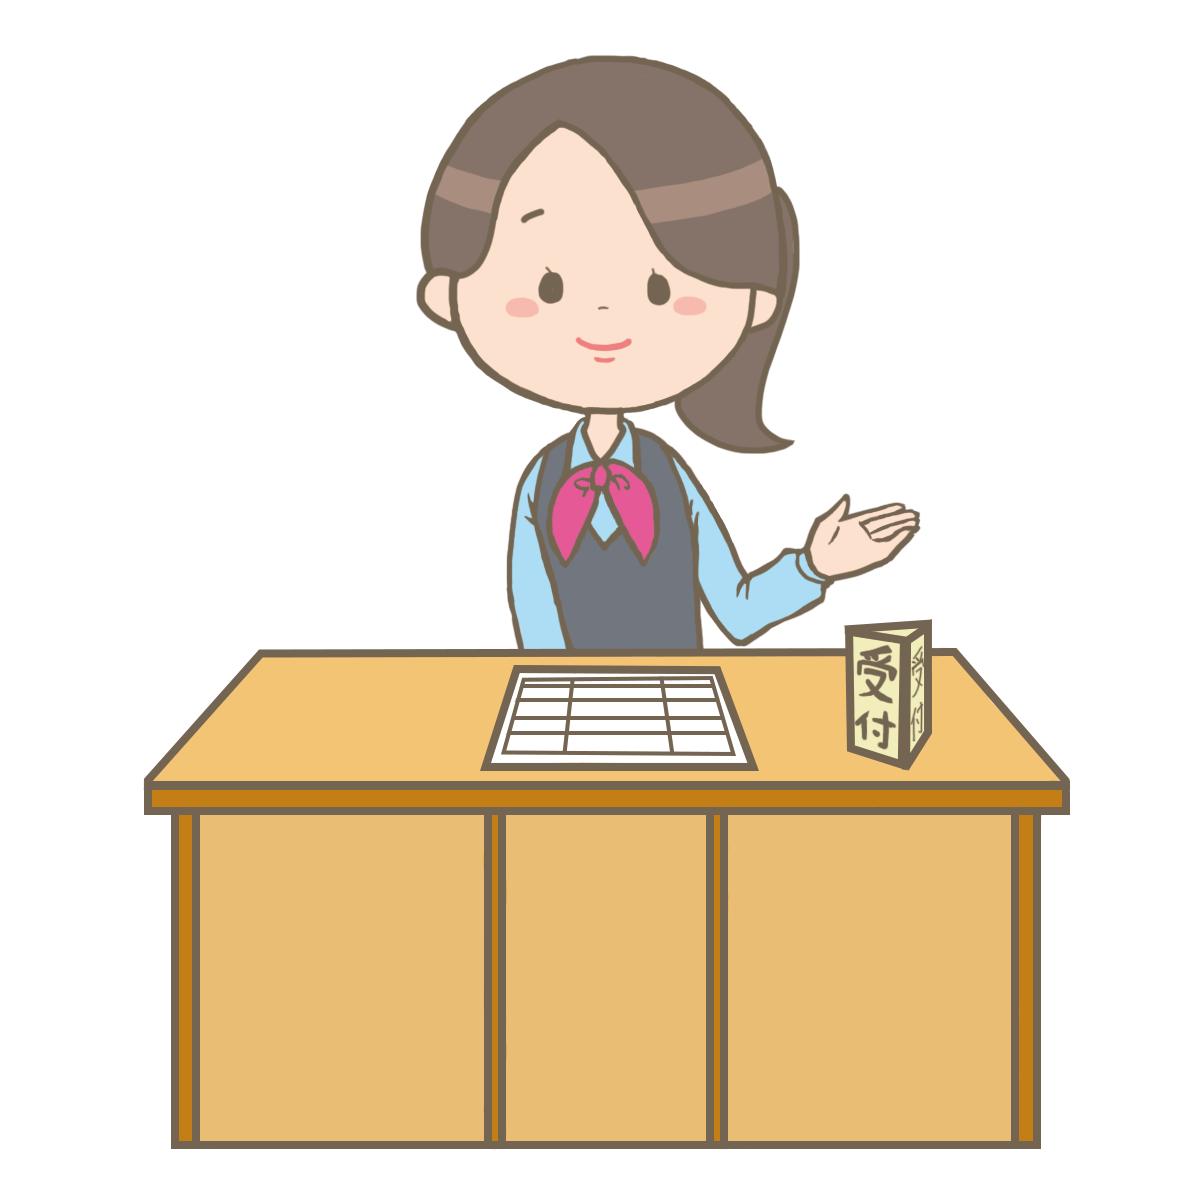 受付にいる医療事務員(女性)のイラスト🎨【フリー素材】|看護roo